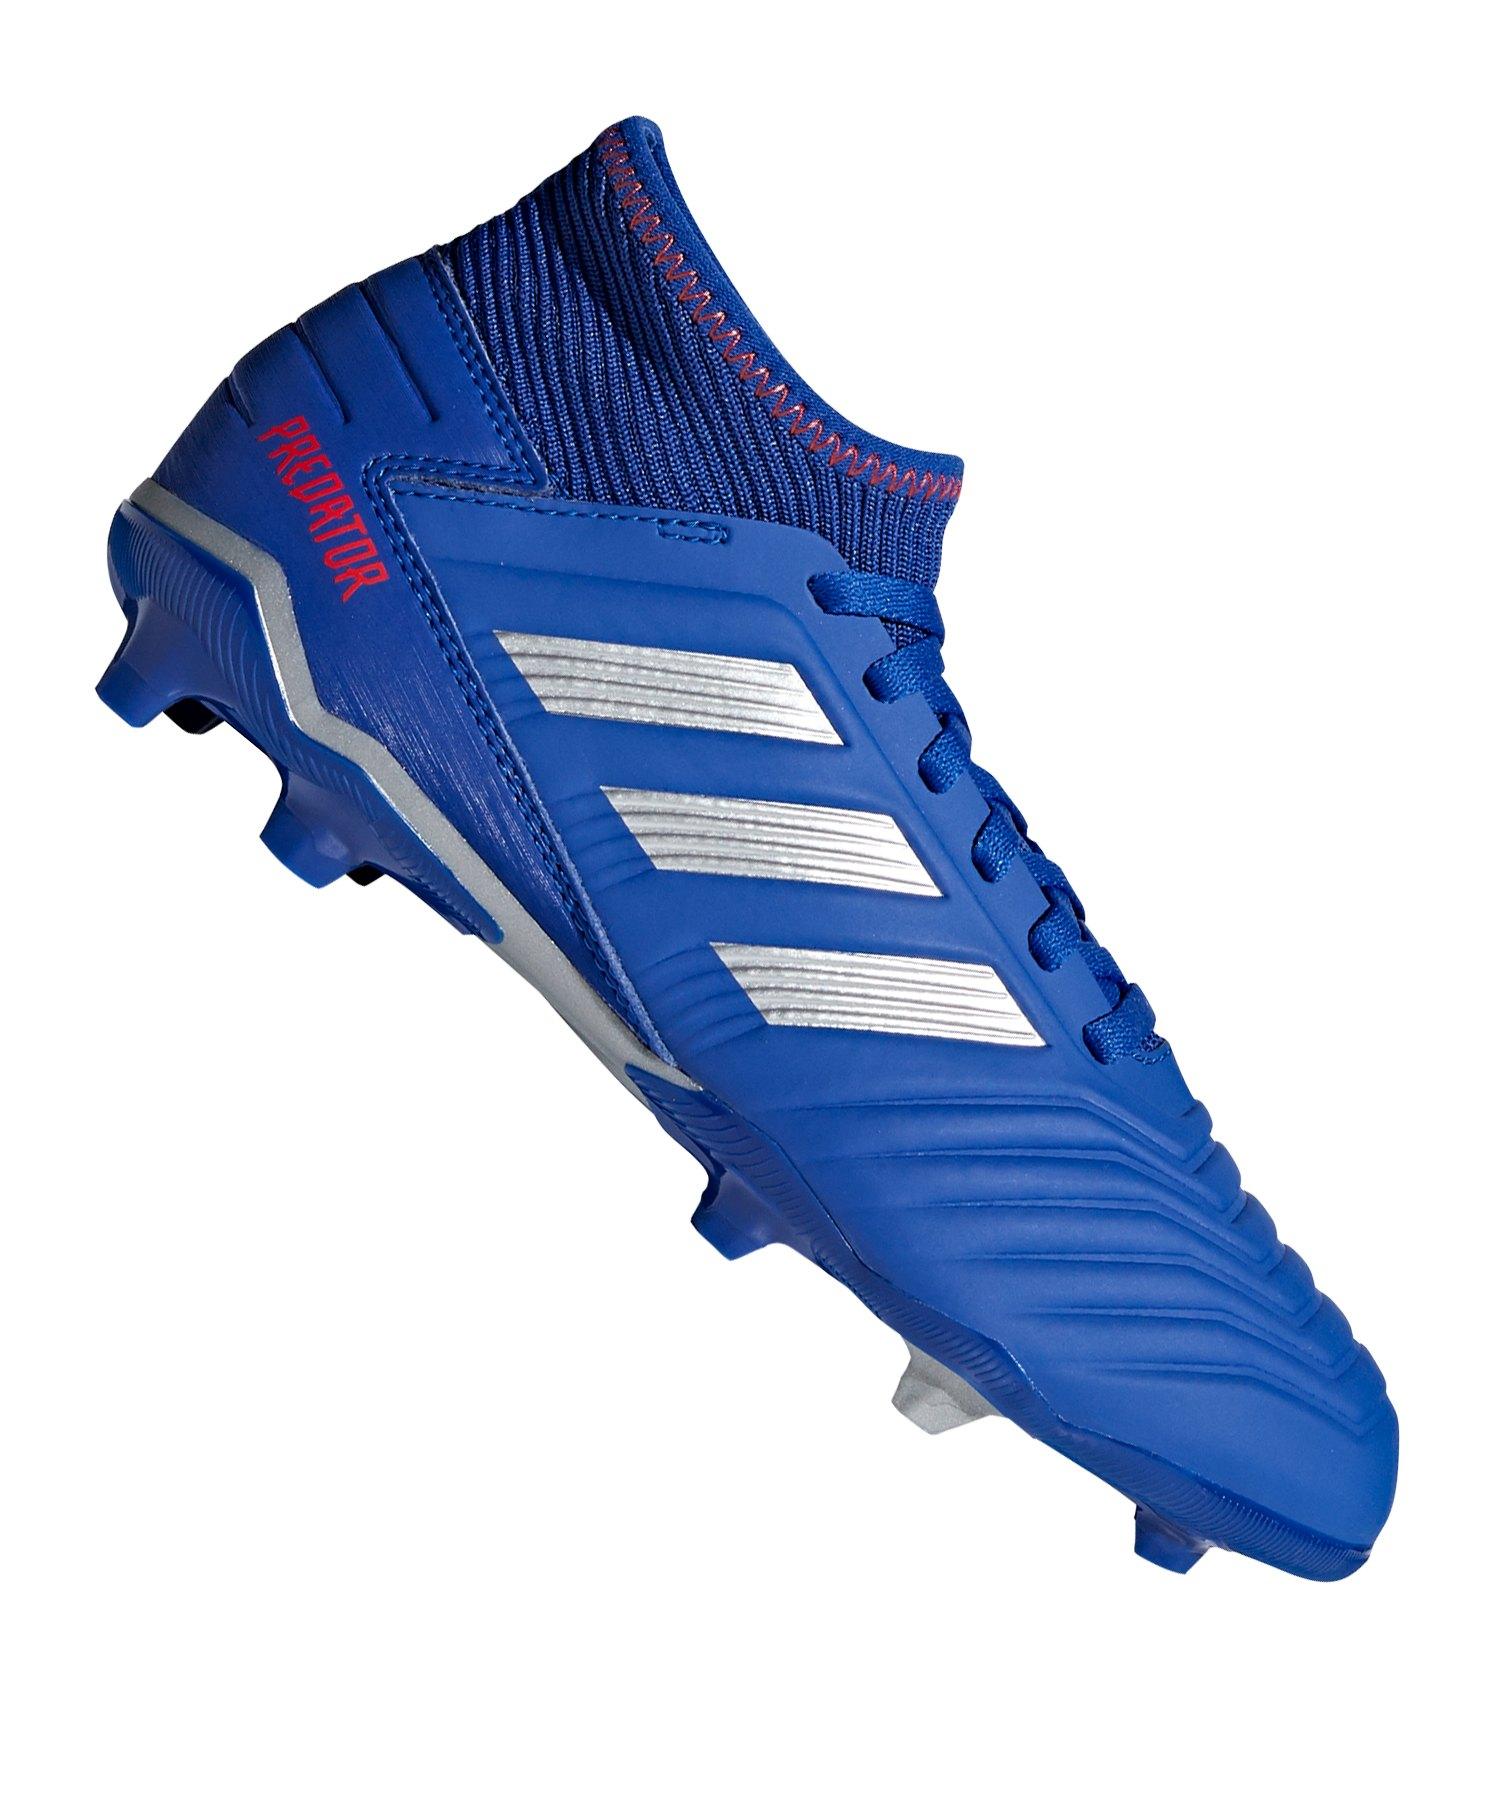 adidas Predator 19.3 LL FG Blau Silber: adidas: